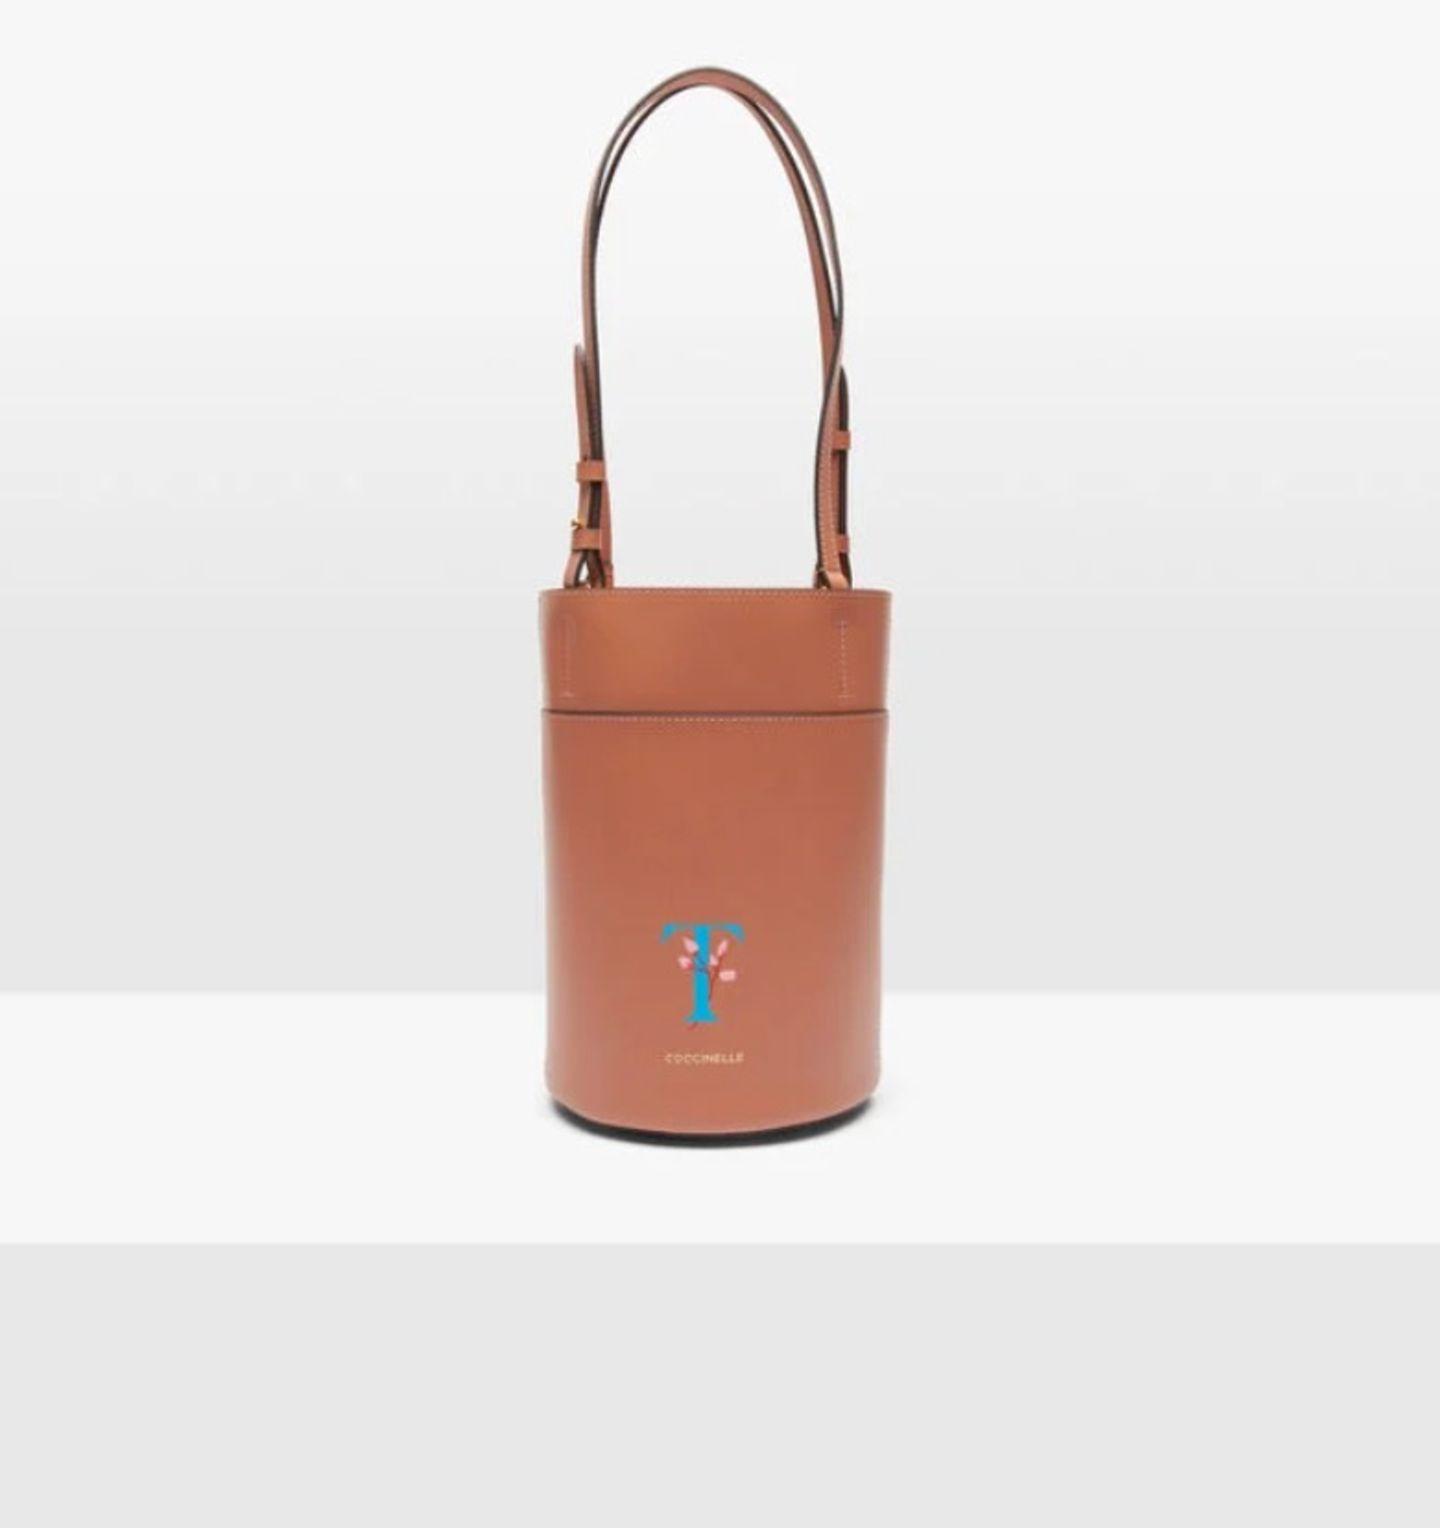 """Ich liebe Pieces, die ich personalisieren lassen kann. Es ist ein tolles Gefühlzu wissen, dass diese Tasche nicht unbedingt jede:r trägt. Denn mit (m)einem handbemalten Buchstaben vorne drauf, mache ich sie zu etwas ganz Besonderem. """"Garconne Mini"""", von Coccinelle, kostet ca. 250 Euro."""